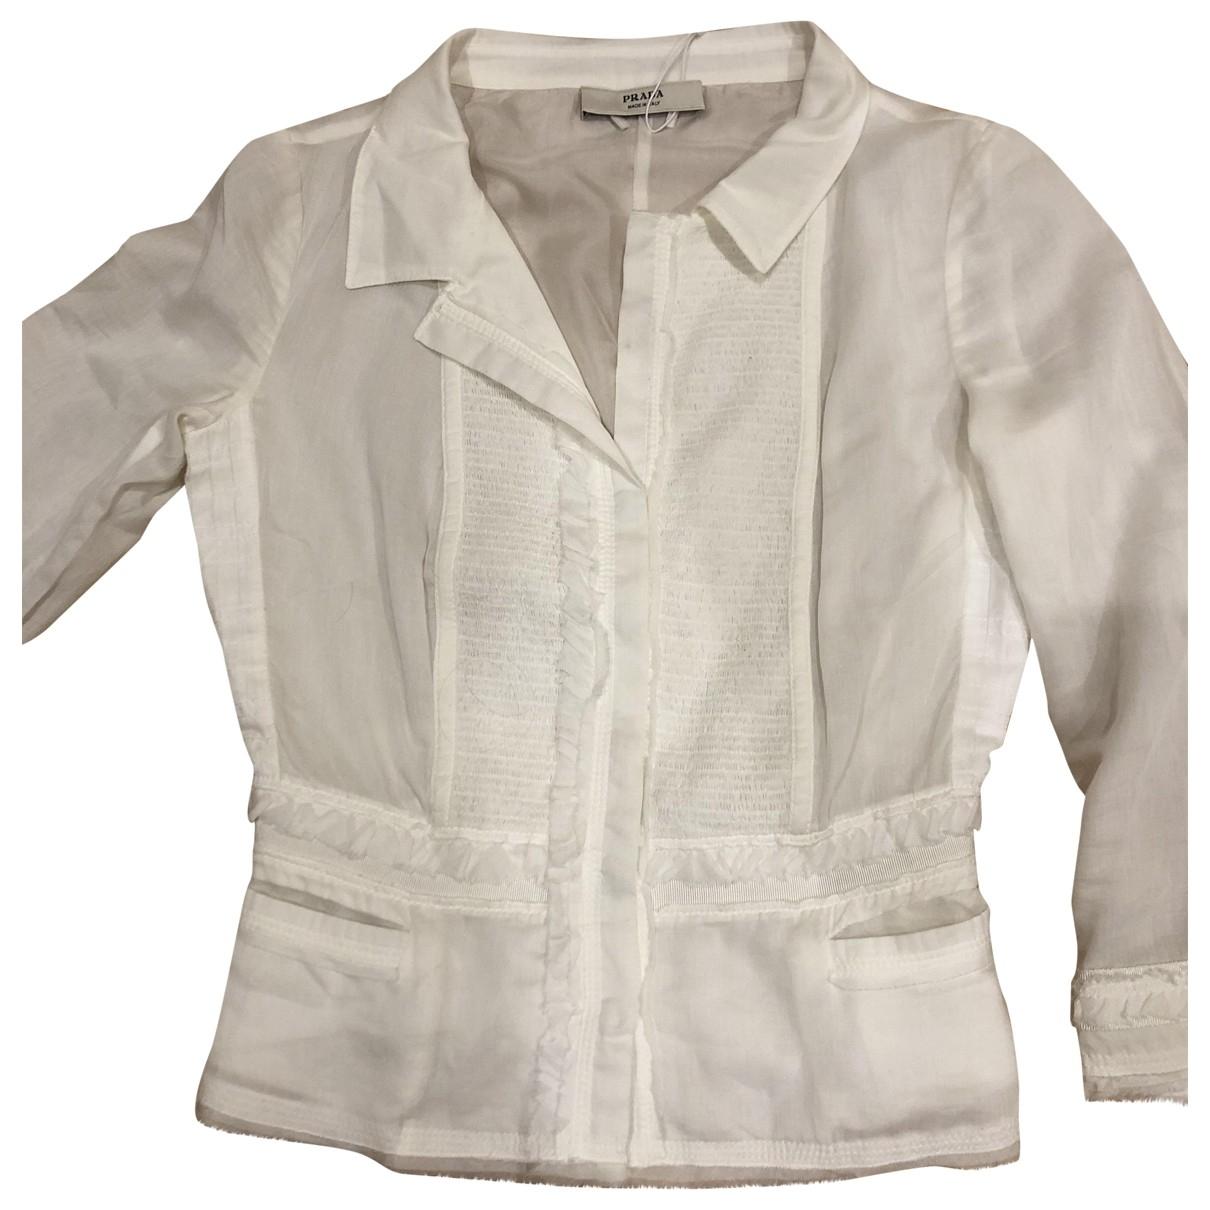 Prada \N White  top for Women 34 FR